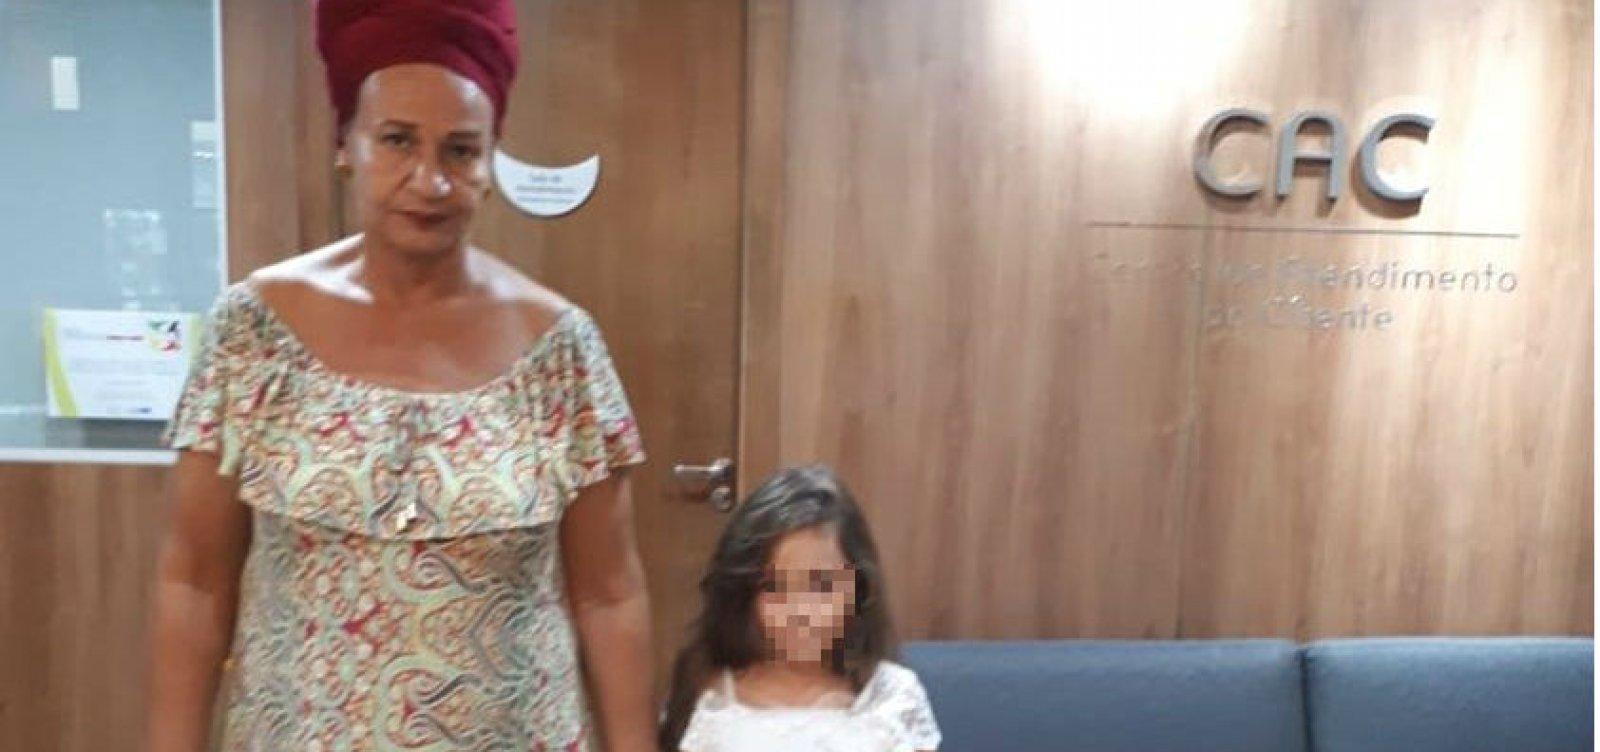 Mulher é acusada de furto em farmácia de shopping em Salvador e desabafa: 'Tragédia racista'